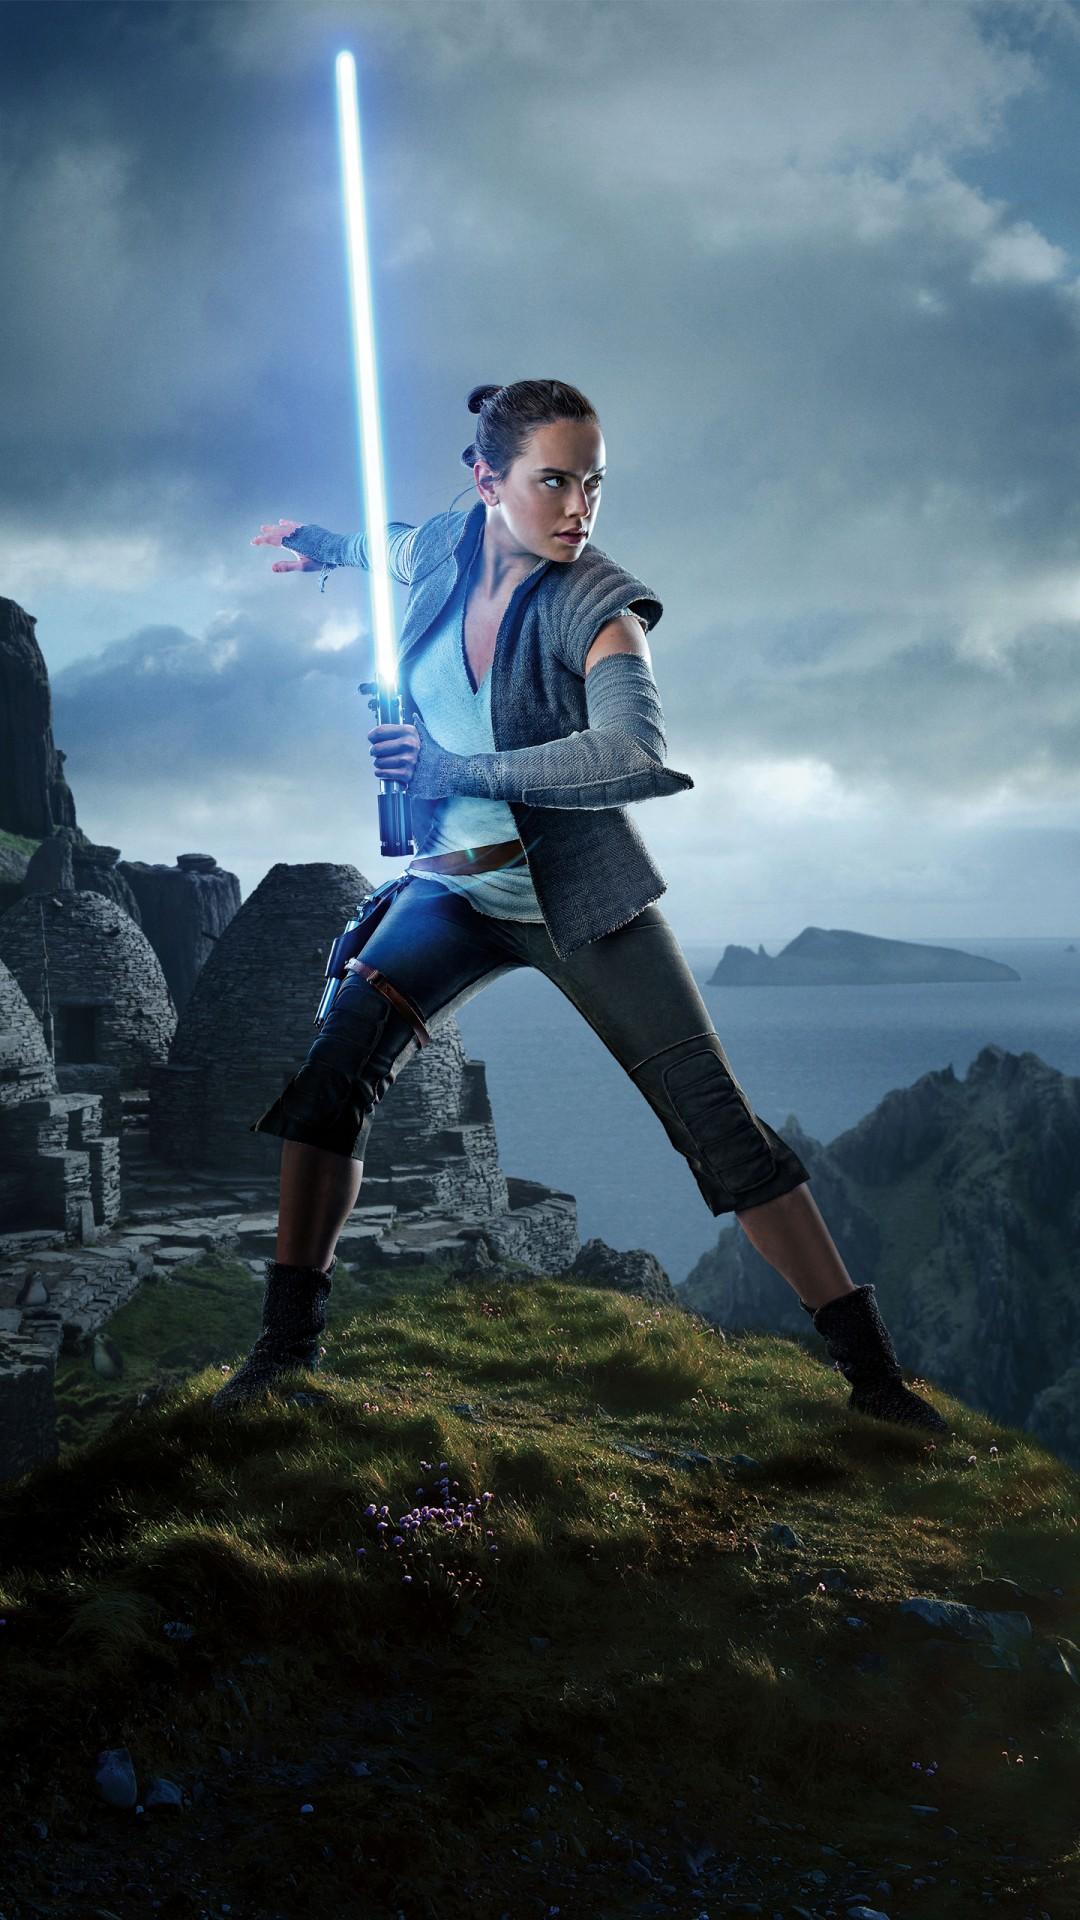 Star Wars The Last Jedi Wallpaper Iphone X Daisy Ridley As Rey Star Wars The Last Jedi 5k Wallpapers